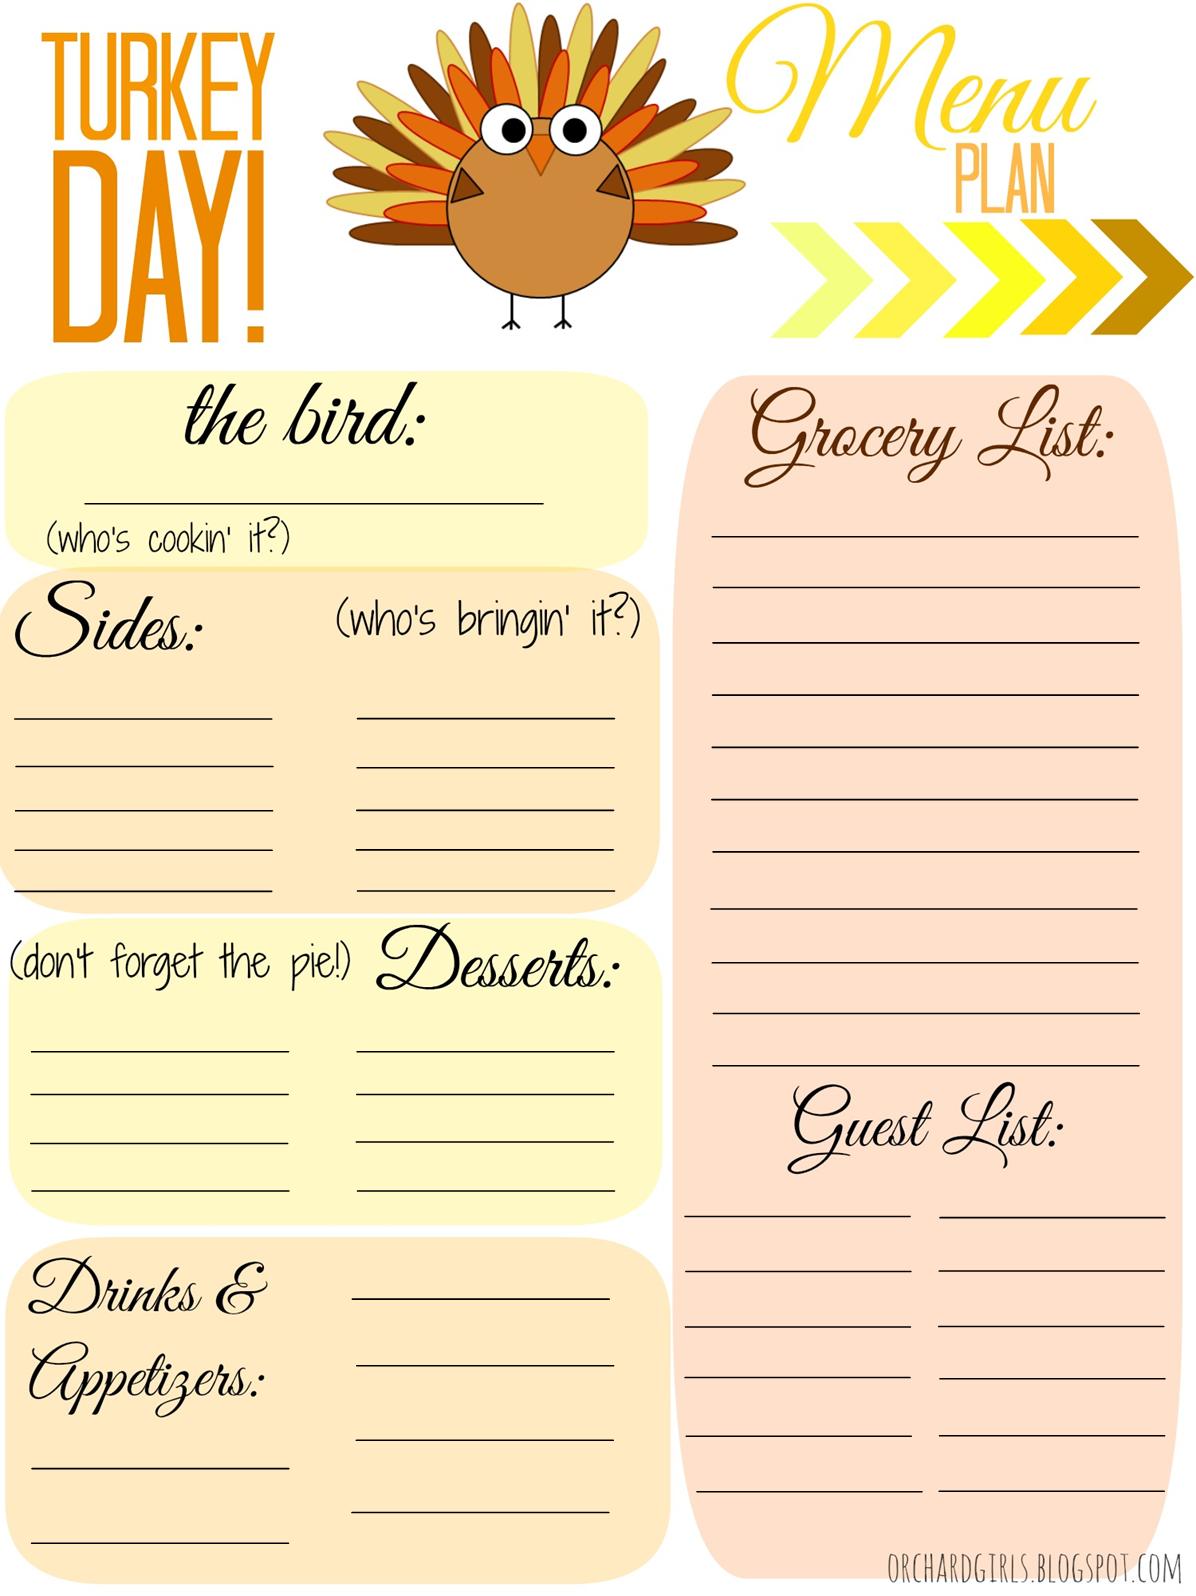 Orchard Girls Free Thankgiving Day Menu Plan Printable